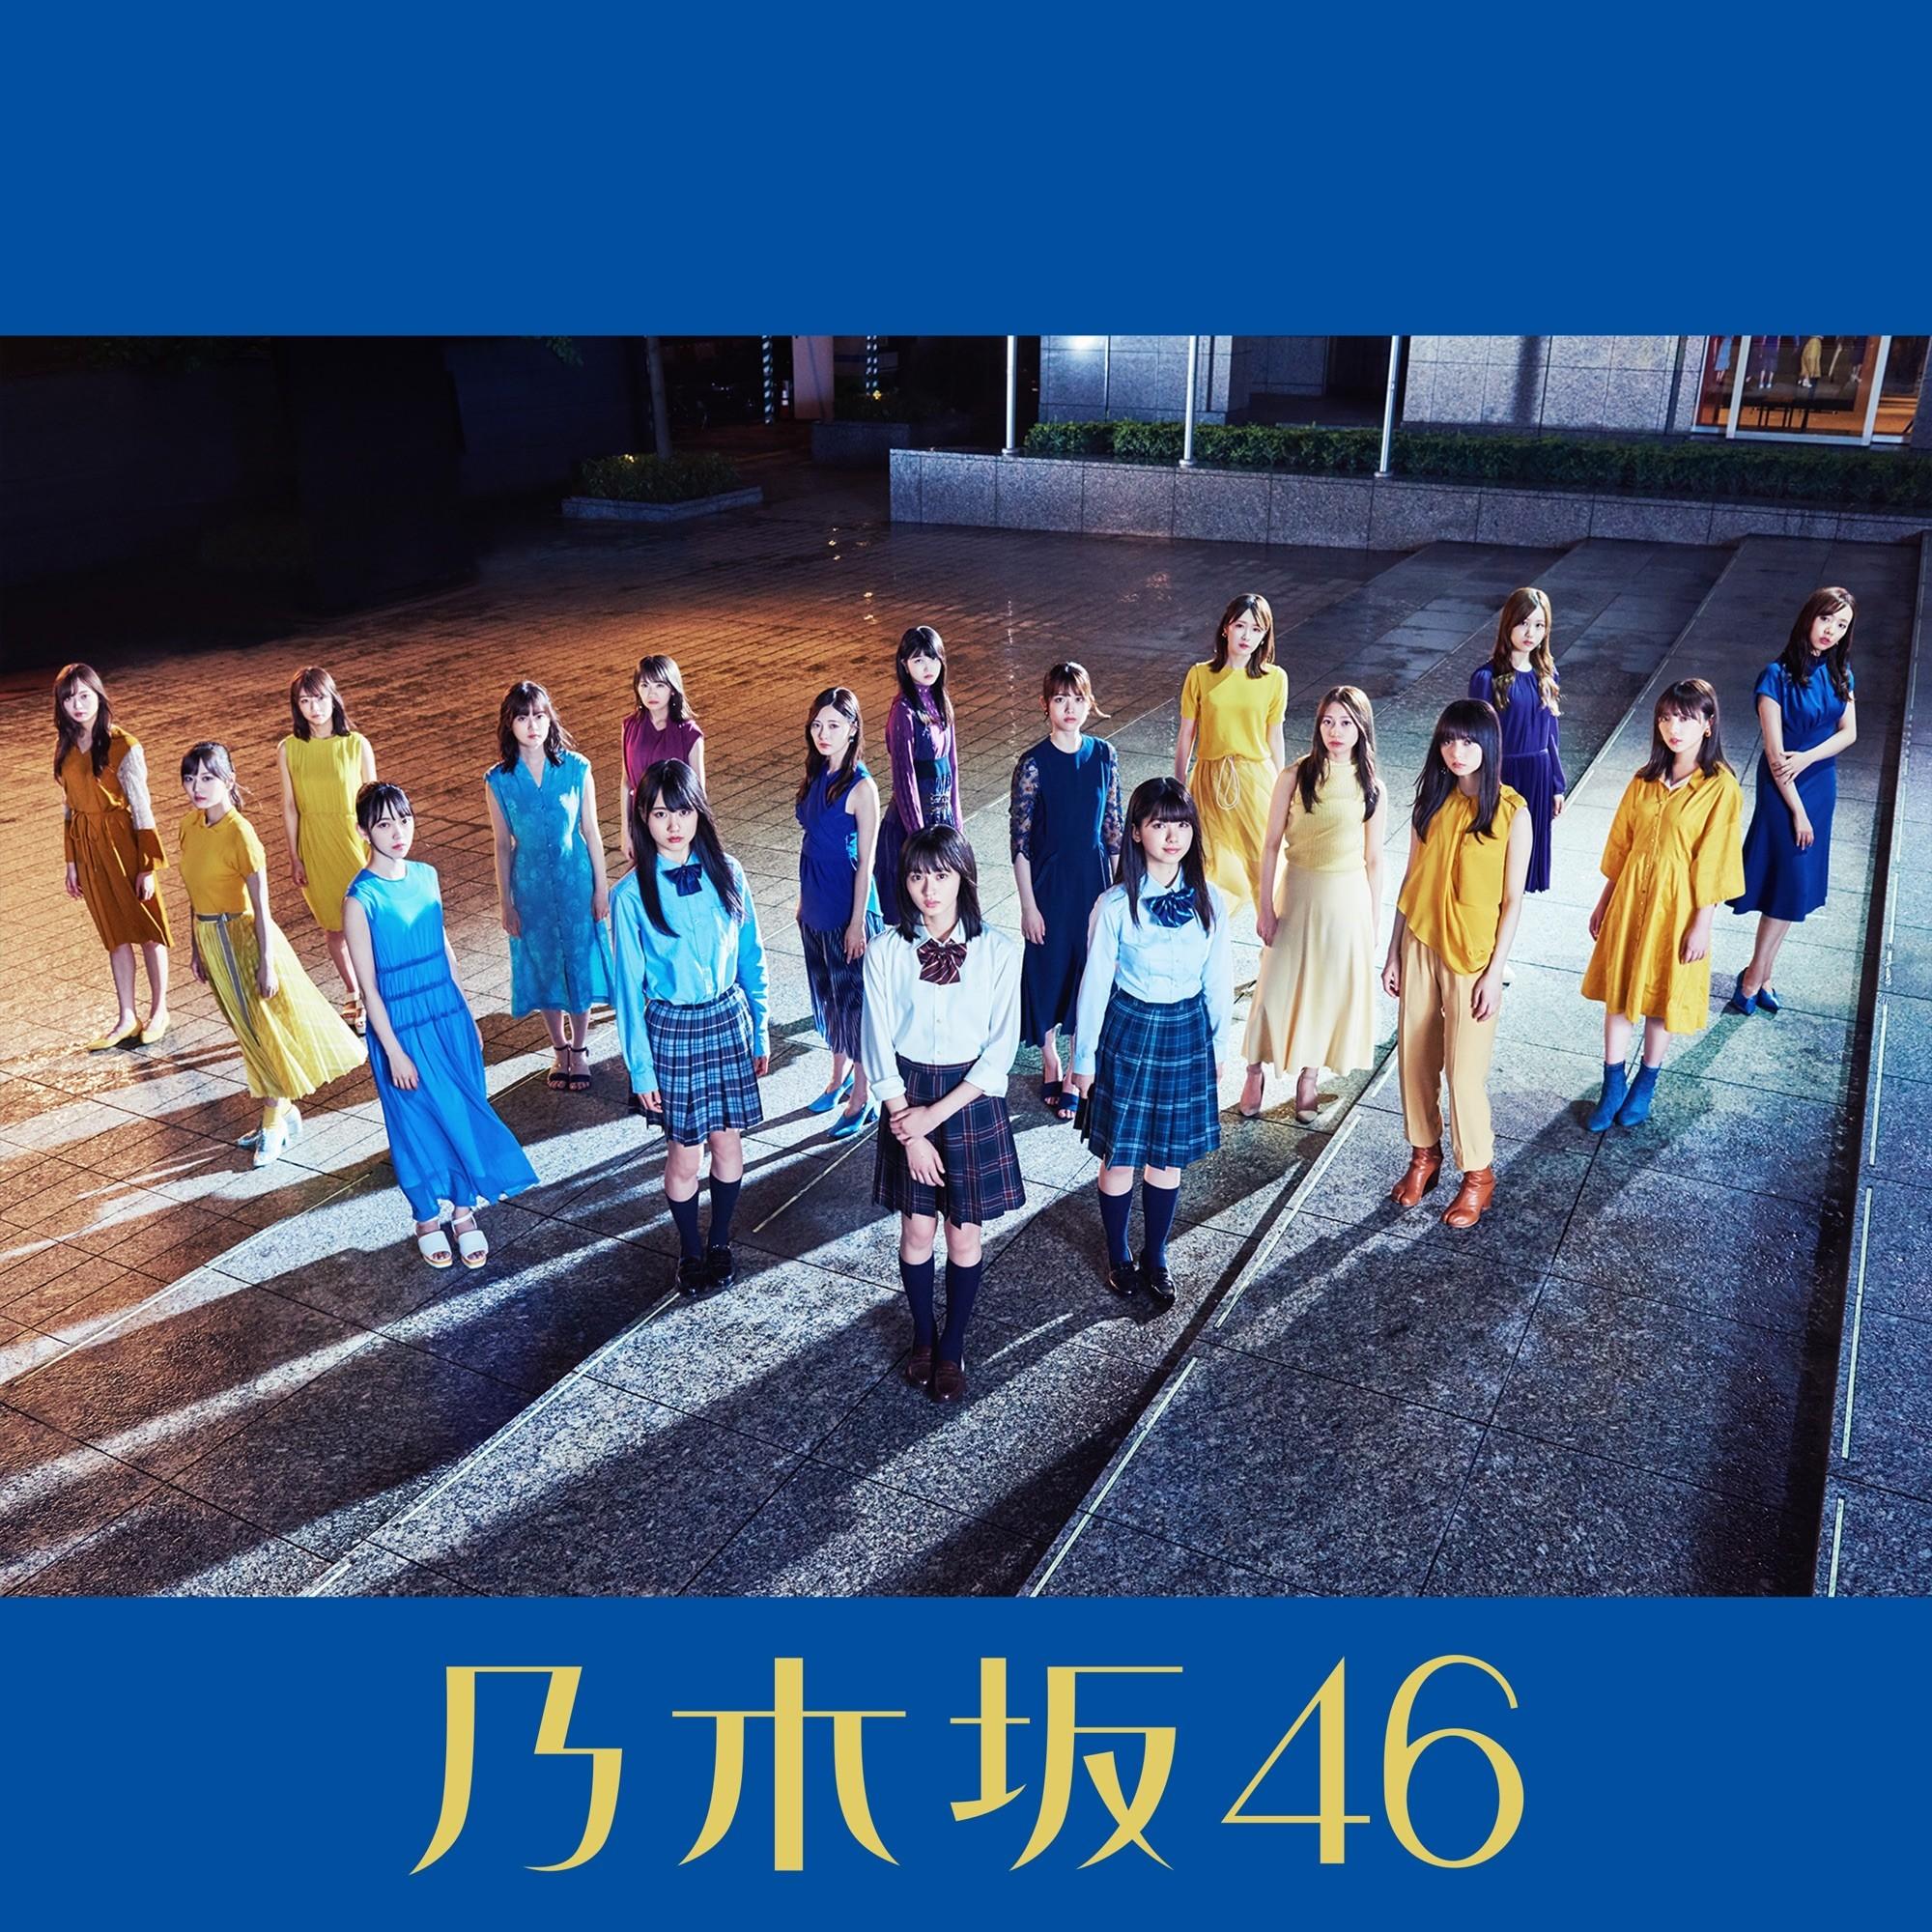 乃木坂46 (Nogizaka46) – 夜明けまで強がらなくてもいい [FLAC + MP3 320 + Blu-ray ISO] [2019.09.04]